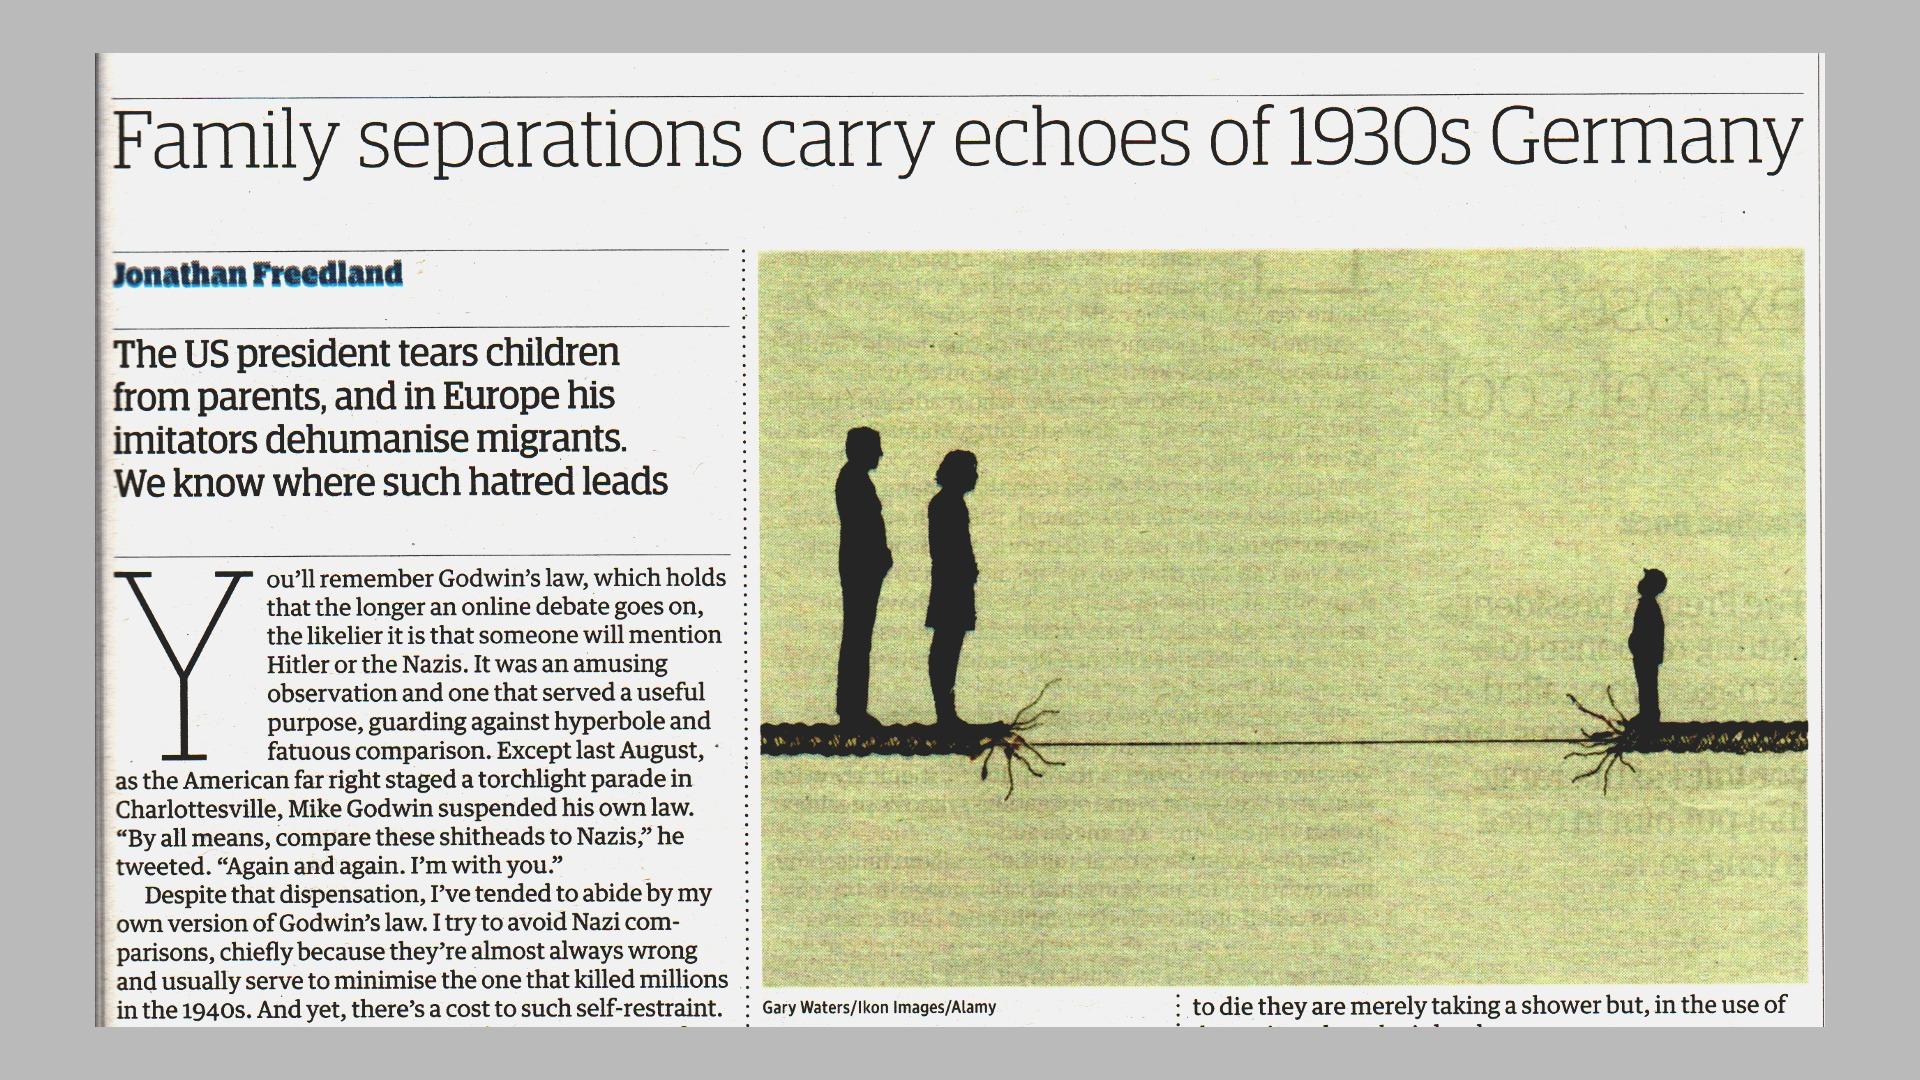 Rozdzielanie rodzin przypomina Niemcy lat trzydziestych